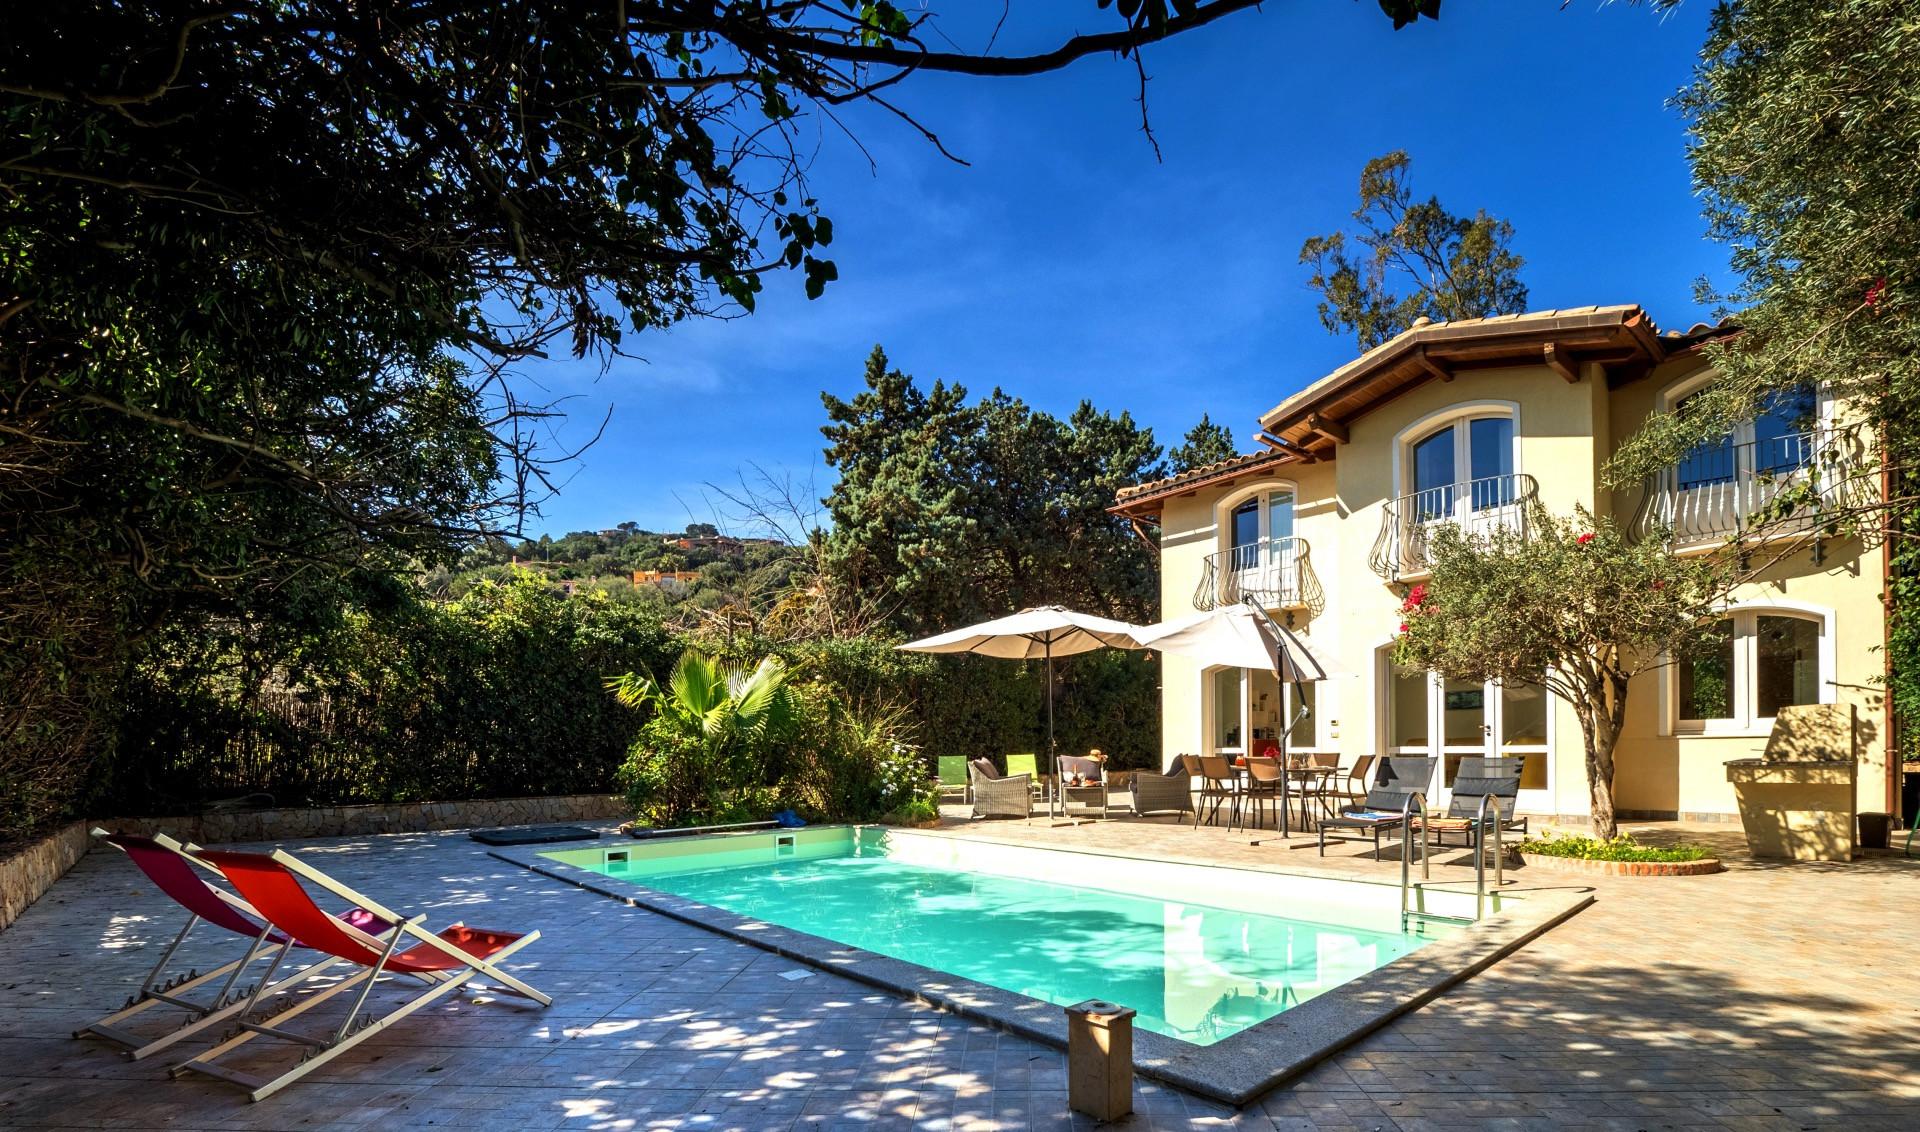 Casa Vacanze Con Piscina In Affitto In Sardegna